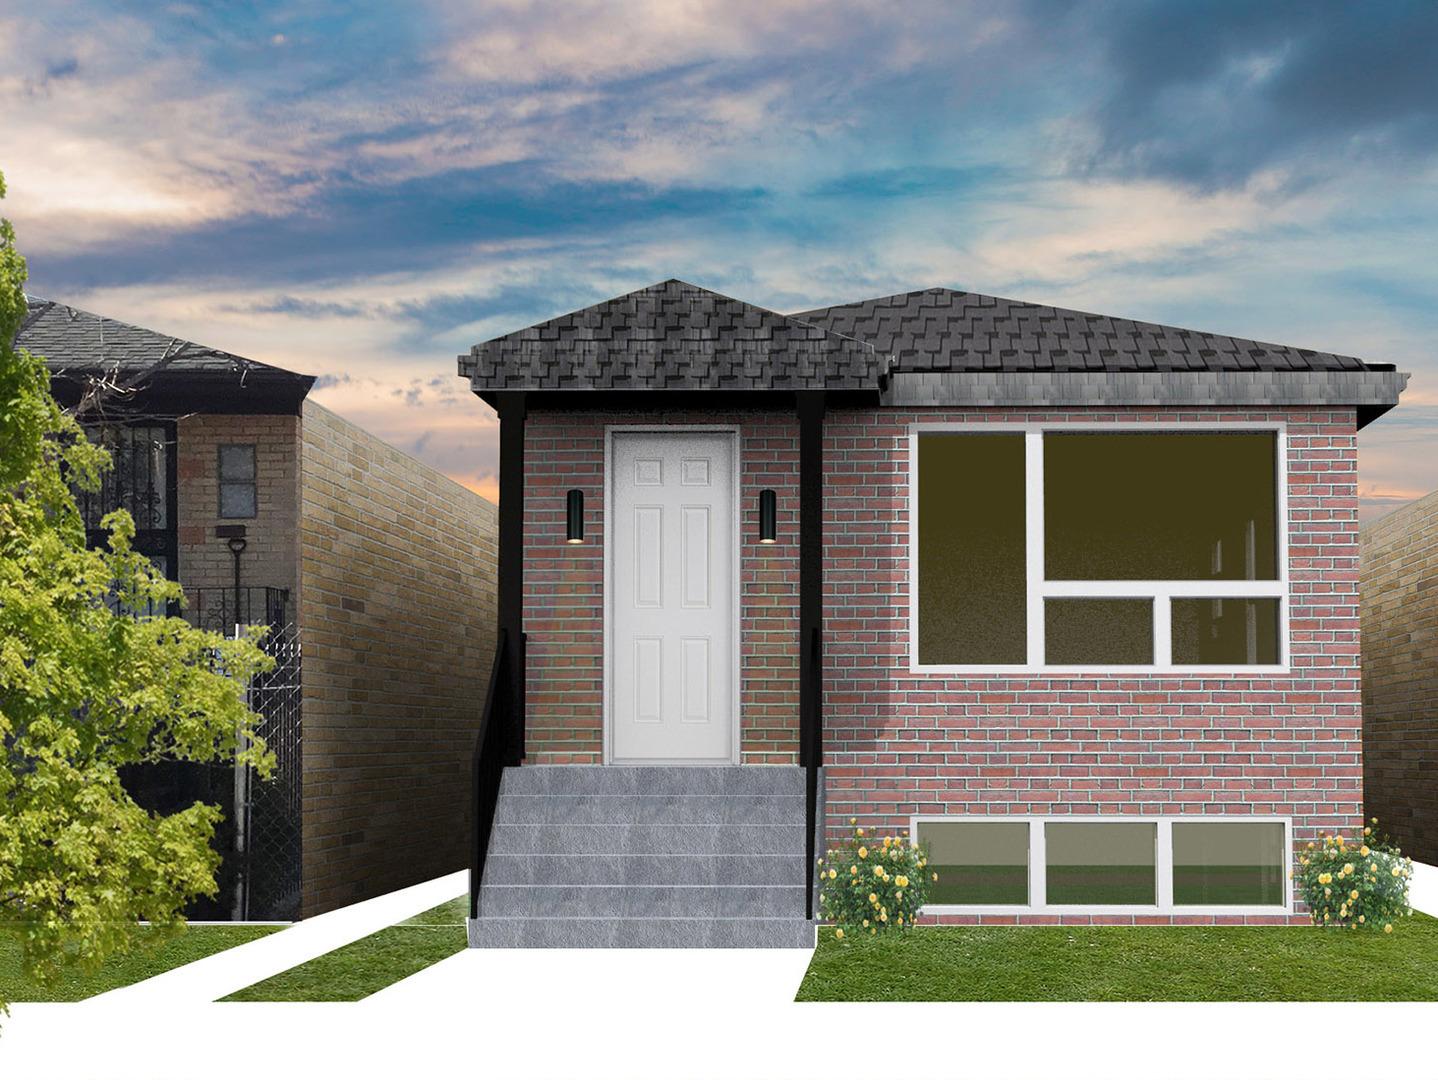 3518 S Maplewood Exterior Photo